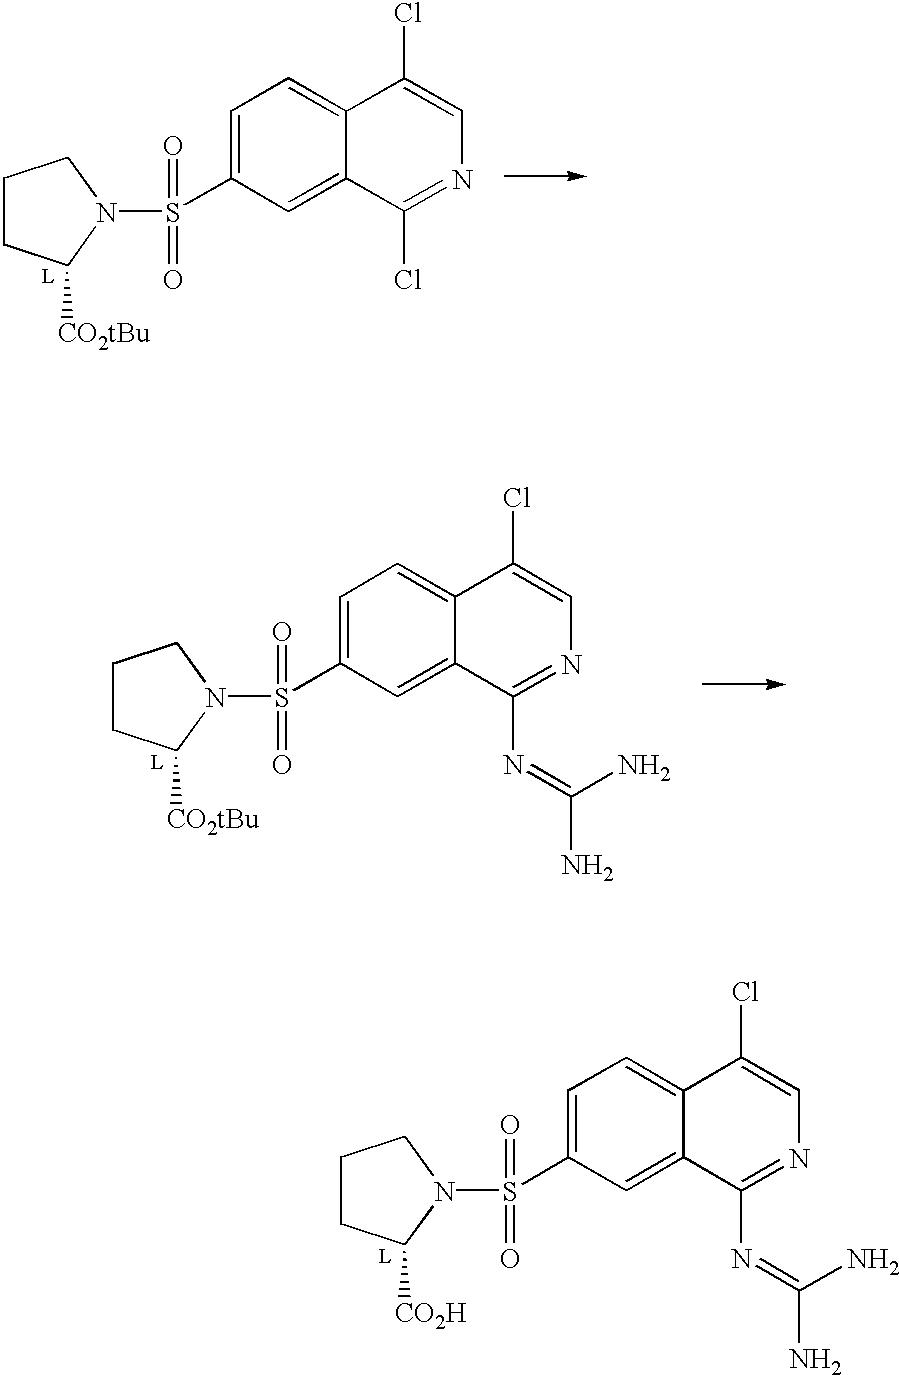 Figure US20030199440A1-20031023-C00065